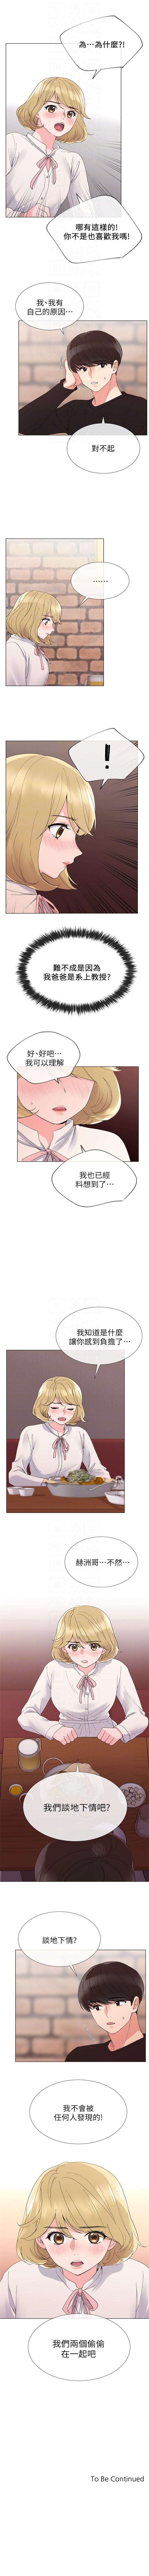 (週5)重考生 1-52 中文翻譯(更新中) 180